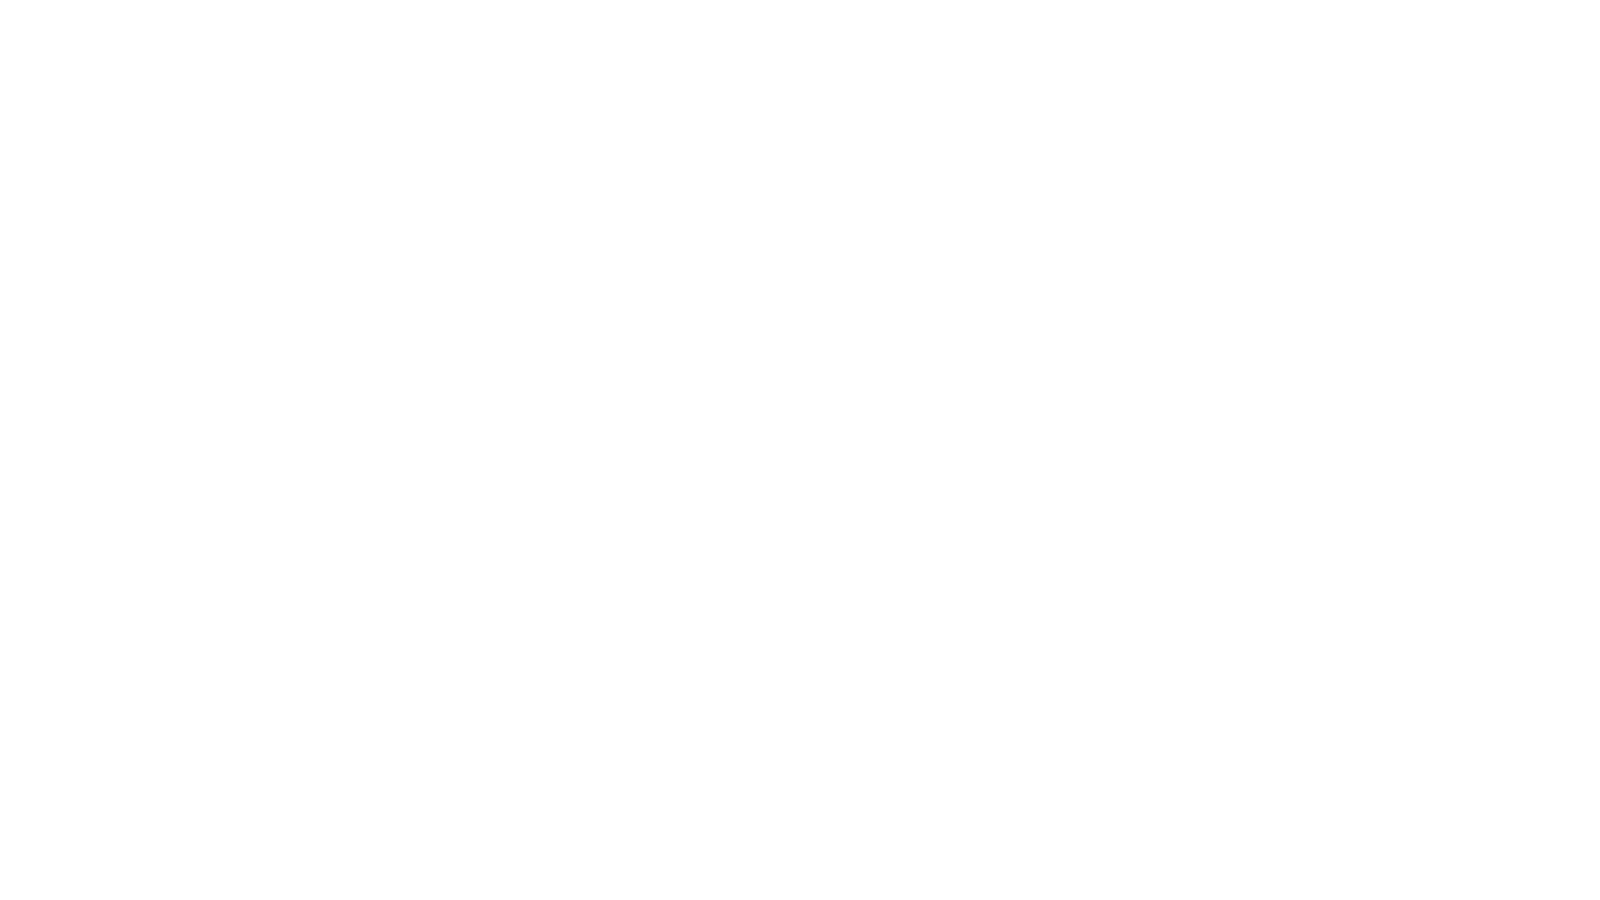 Colegas de las empresas de Viakable, Prolec y Qualtia te invitan a no desistir en los cuidados de la salud.  Óscar García | Viakable Aguascalientes Bajo y guitarra  Iván Macías | Prolec Monterrey Composición  Rogelio Rangel | Prolec Monterrey Teclado  Francisco Muñoz | Prolec Monterrey Bongos  Cristina Peña | Prolec Monterrey Piano  Maira Cázares | Qualtia CDMX Voz  Omar Ríos | Qualtia Monterrey Batería